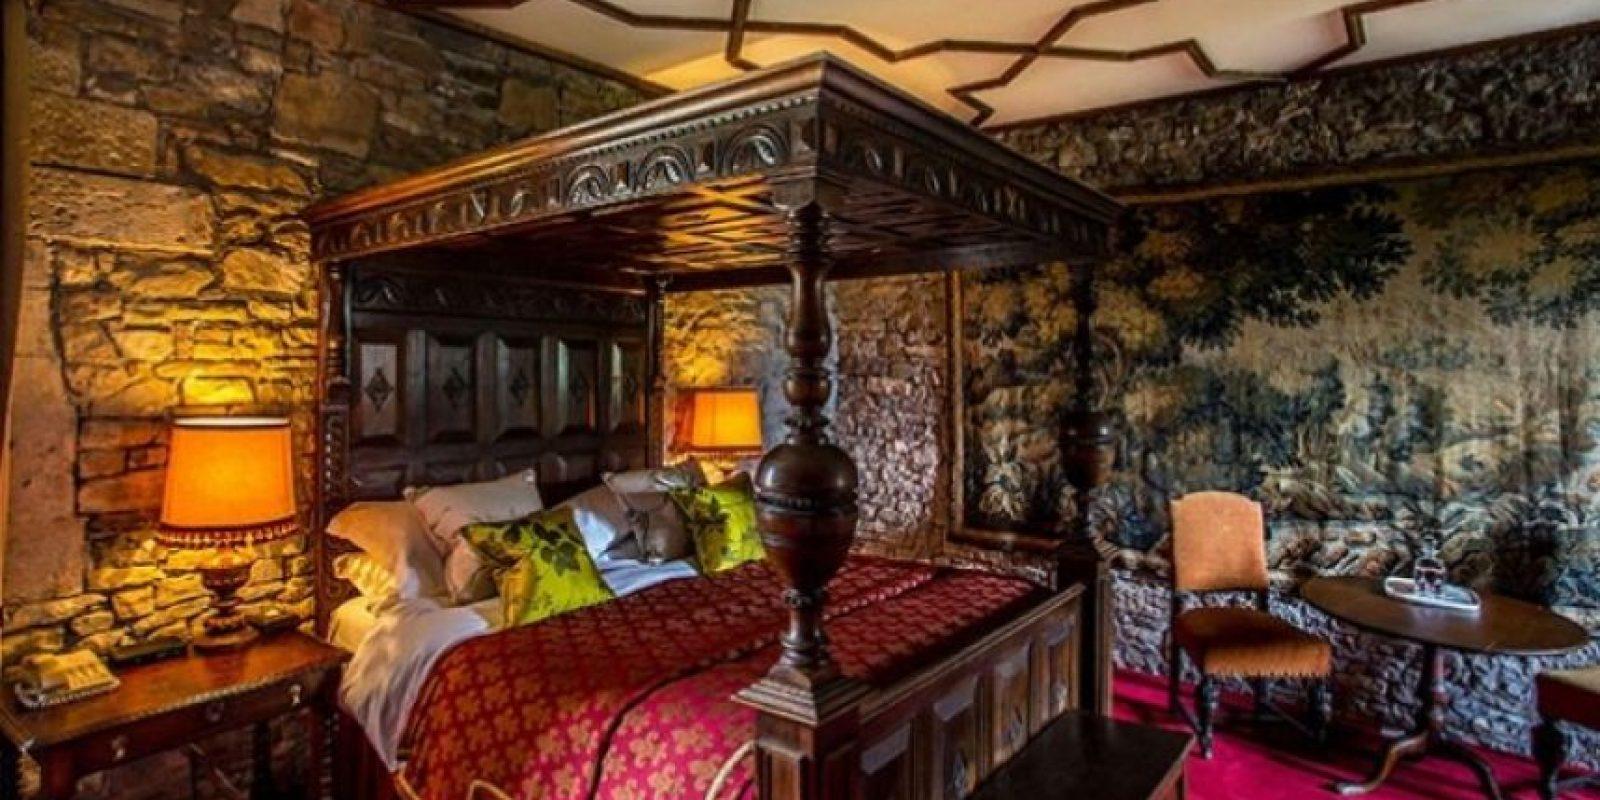 La suite de lujo se llama The Gatehouse y cuenta con doble recámara, dos baños y una cocina completa Foto:Thornburycastle.co.uk